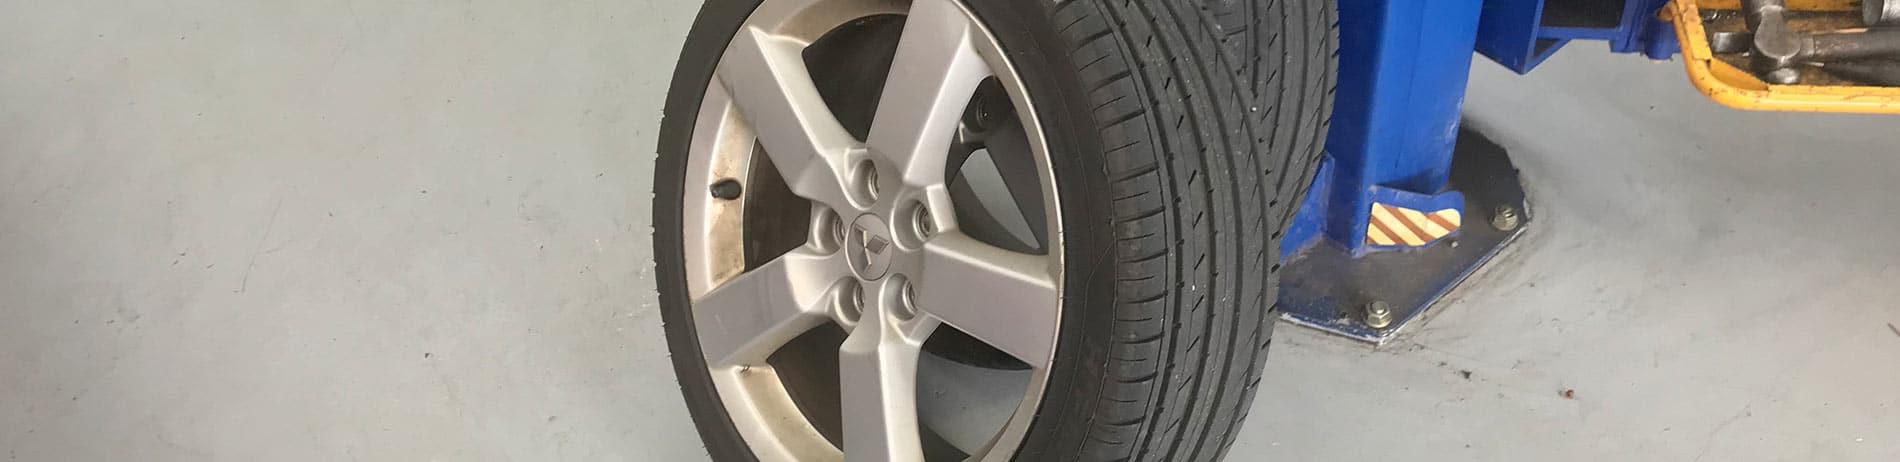 New Mitsubishi Tyres